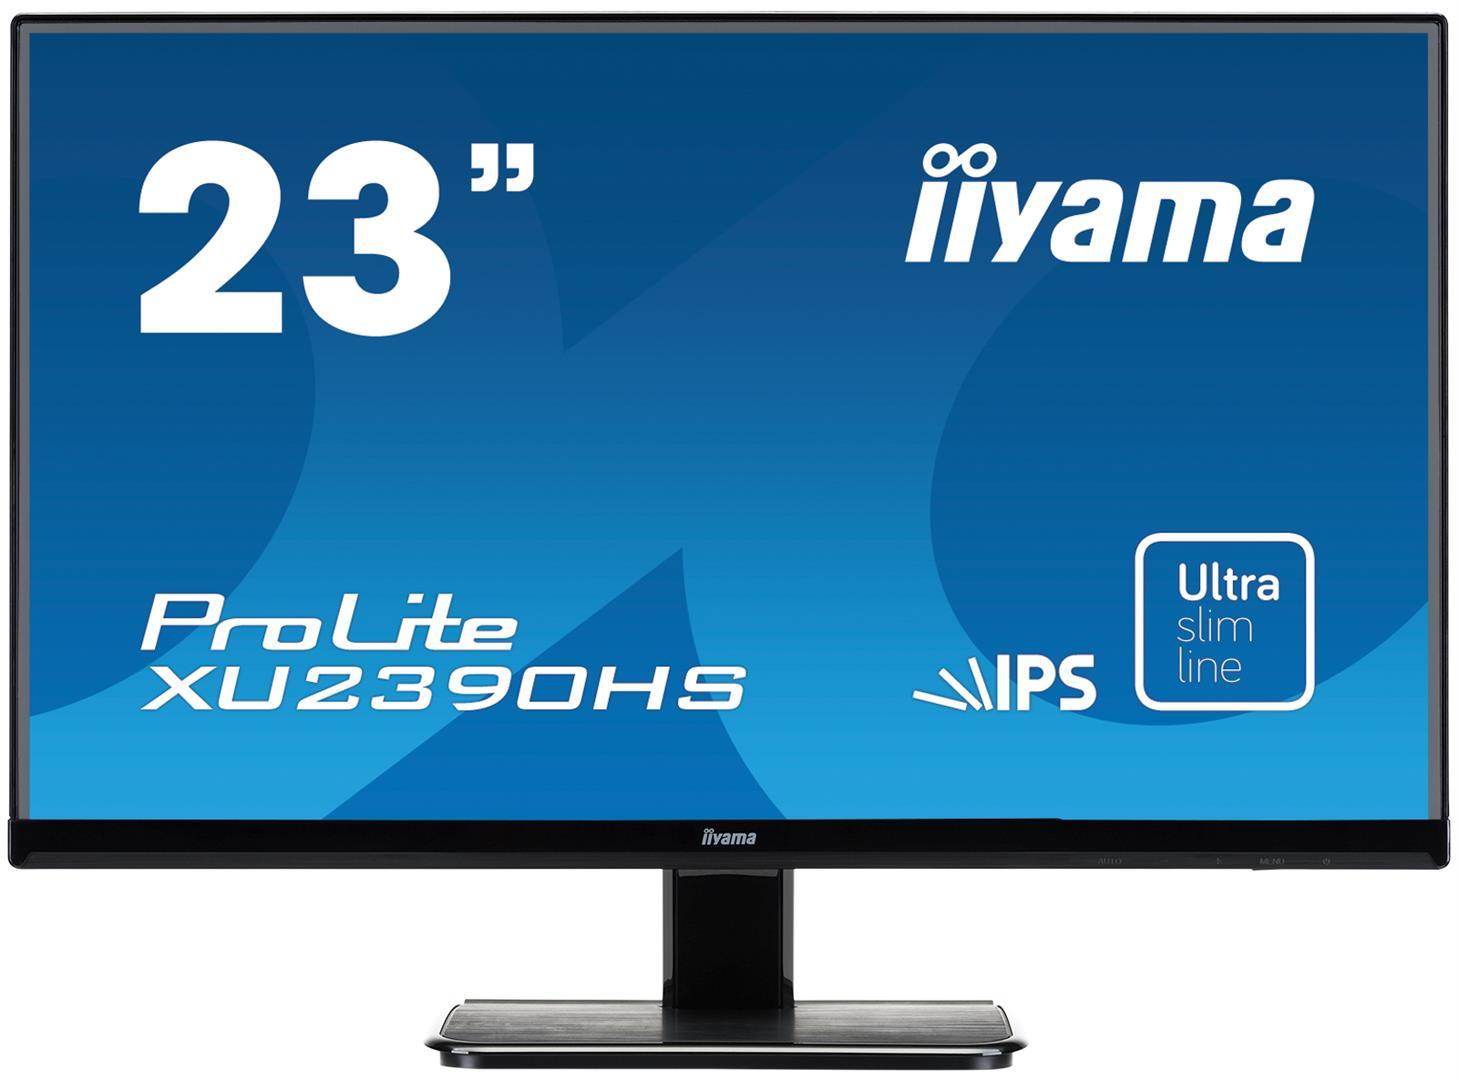 23''LCD iiyama XU2390HS - IPS, 5ms, 250cd/m2, FullHD, VGA, HDMI, DVI, repro